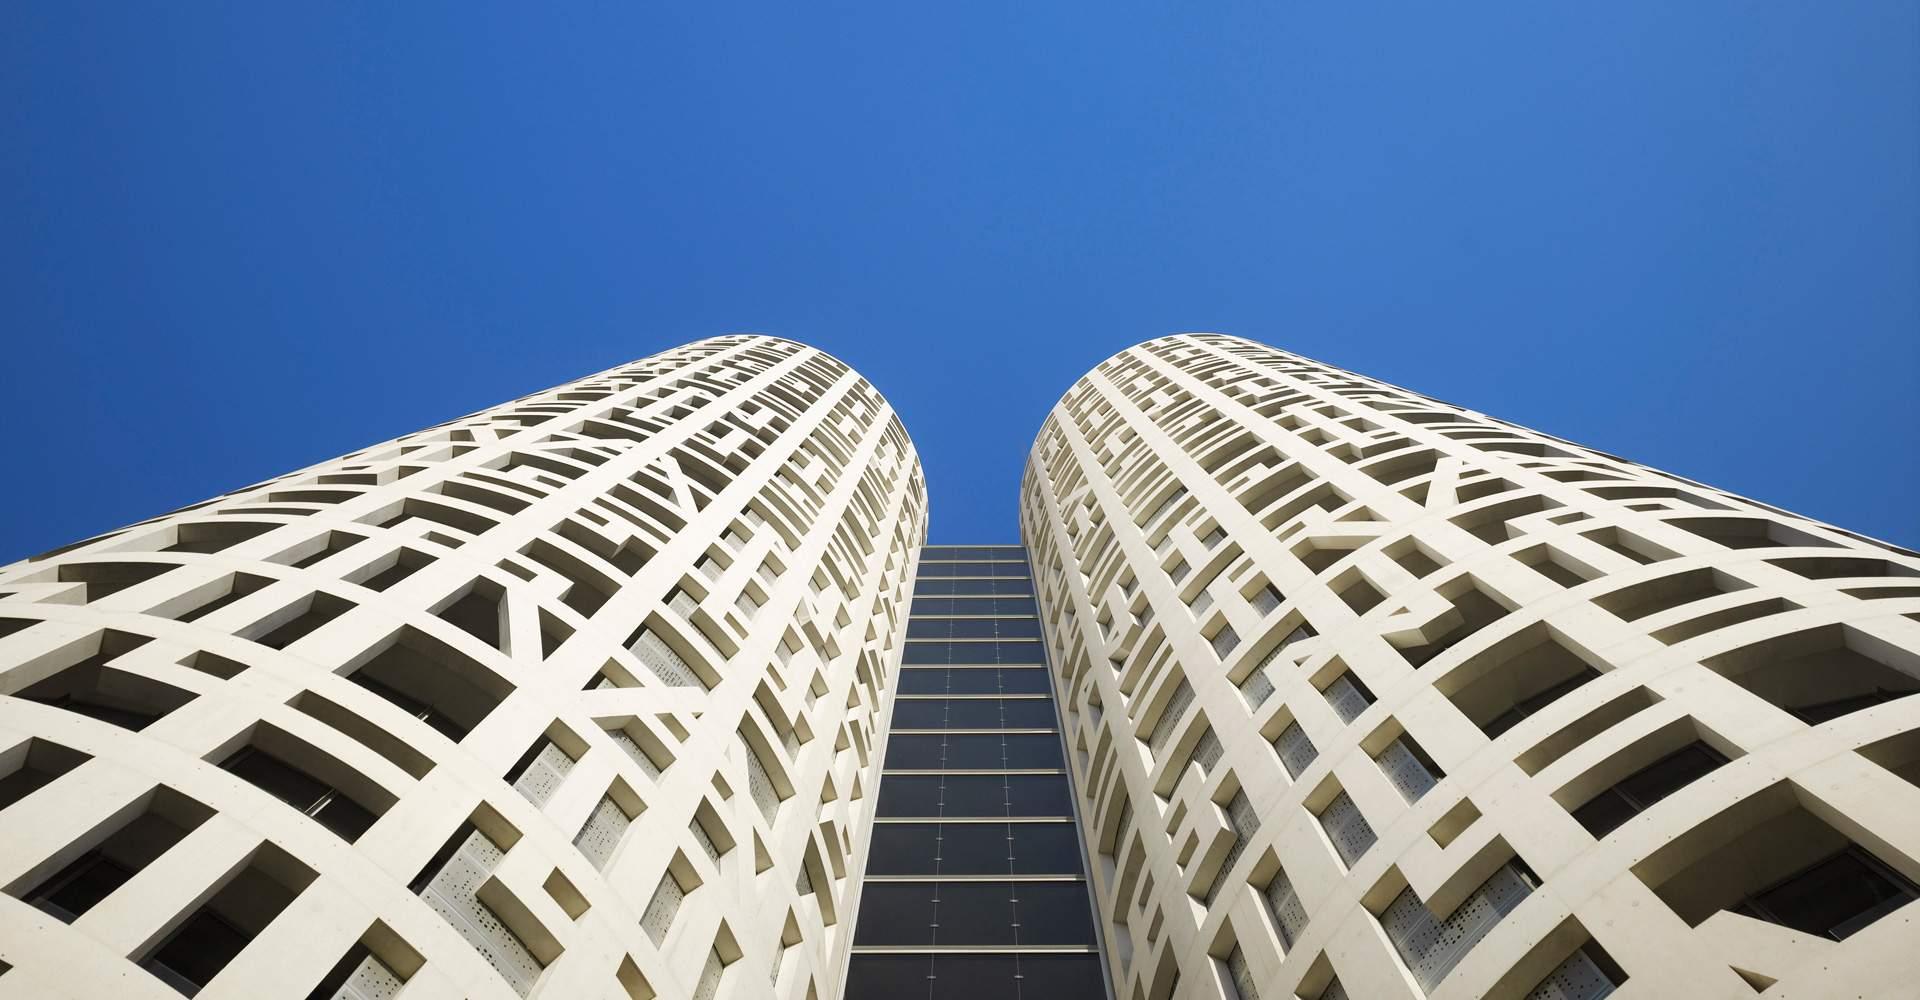 La socimi Brickstock cierra la compra de las Torres de Hércules, en Cádiz